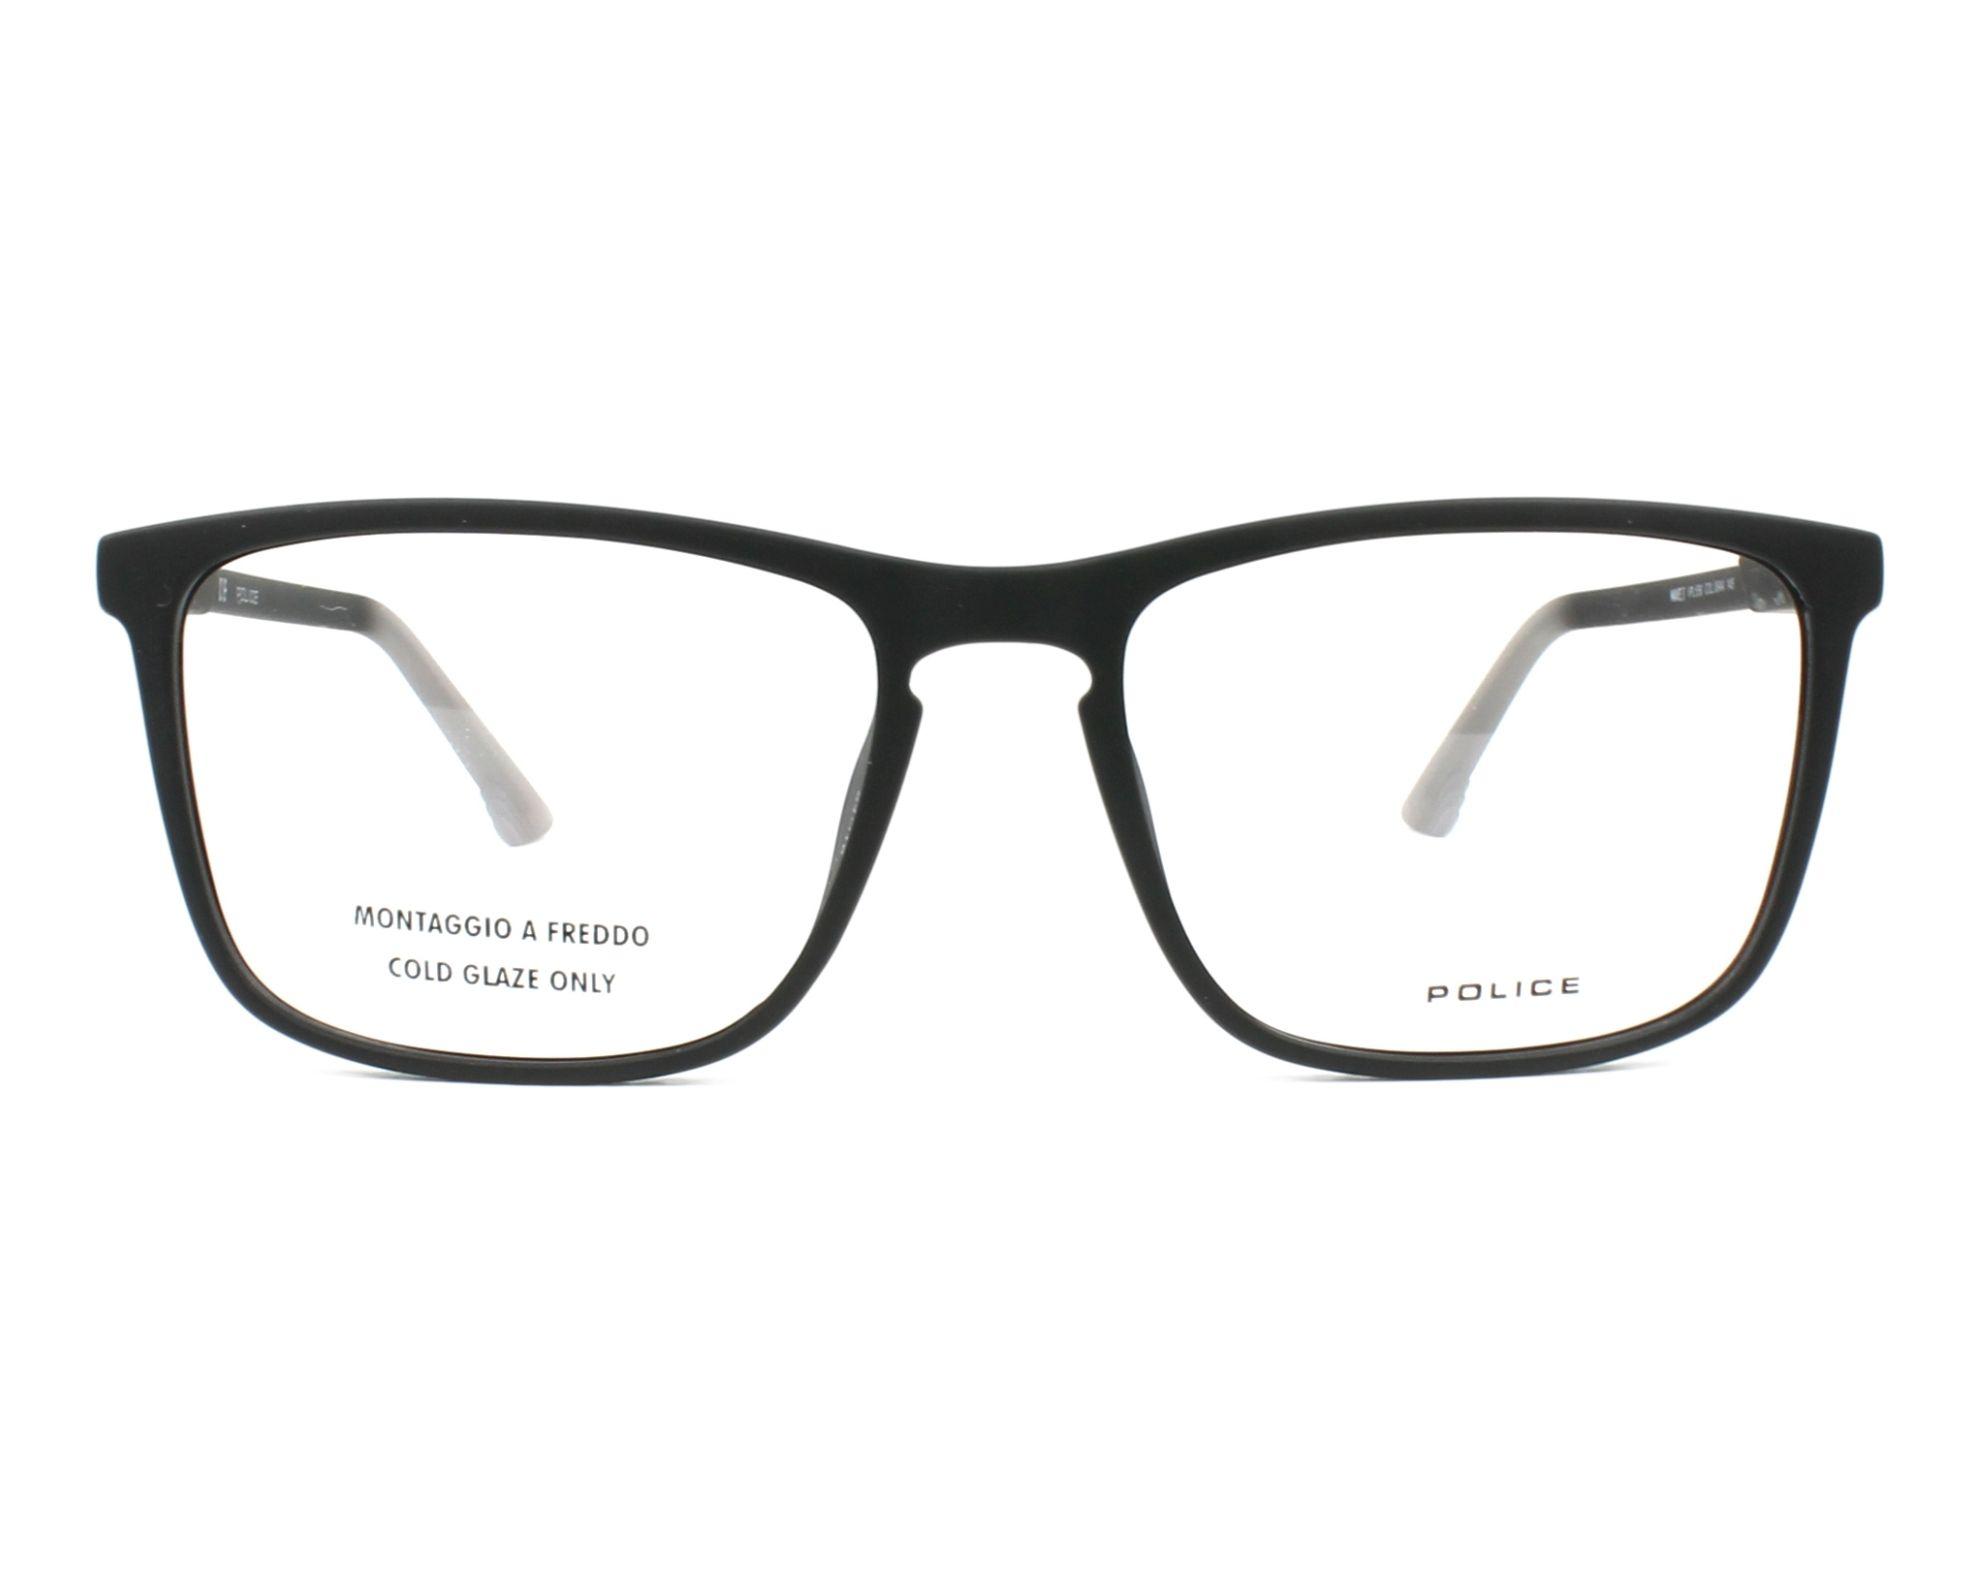 Occhiali da Vista Prodesign 1270 Essential 6031 5uEVB6GrBY